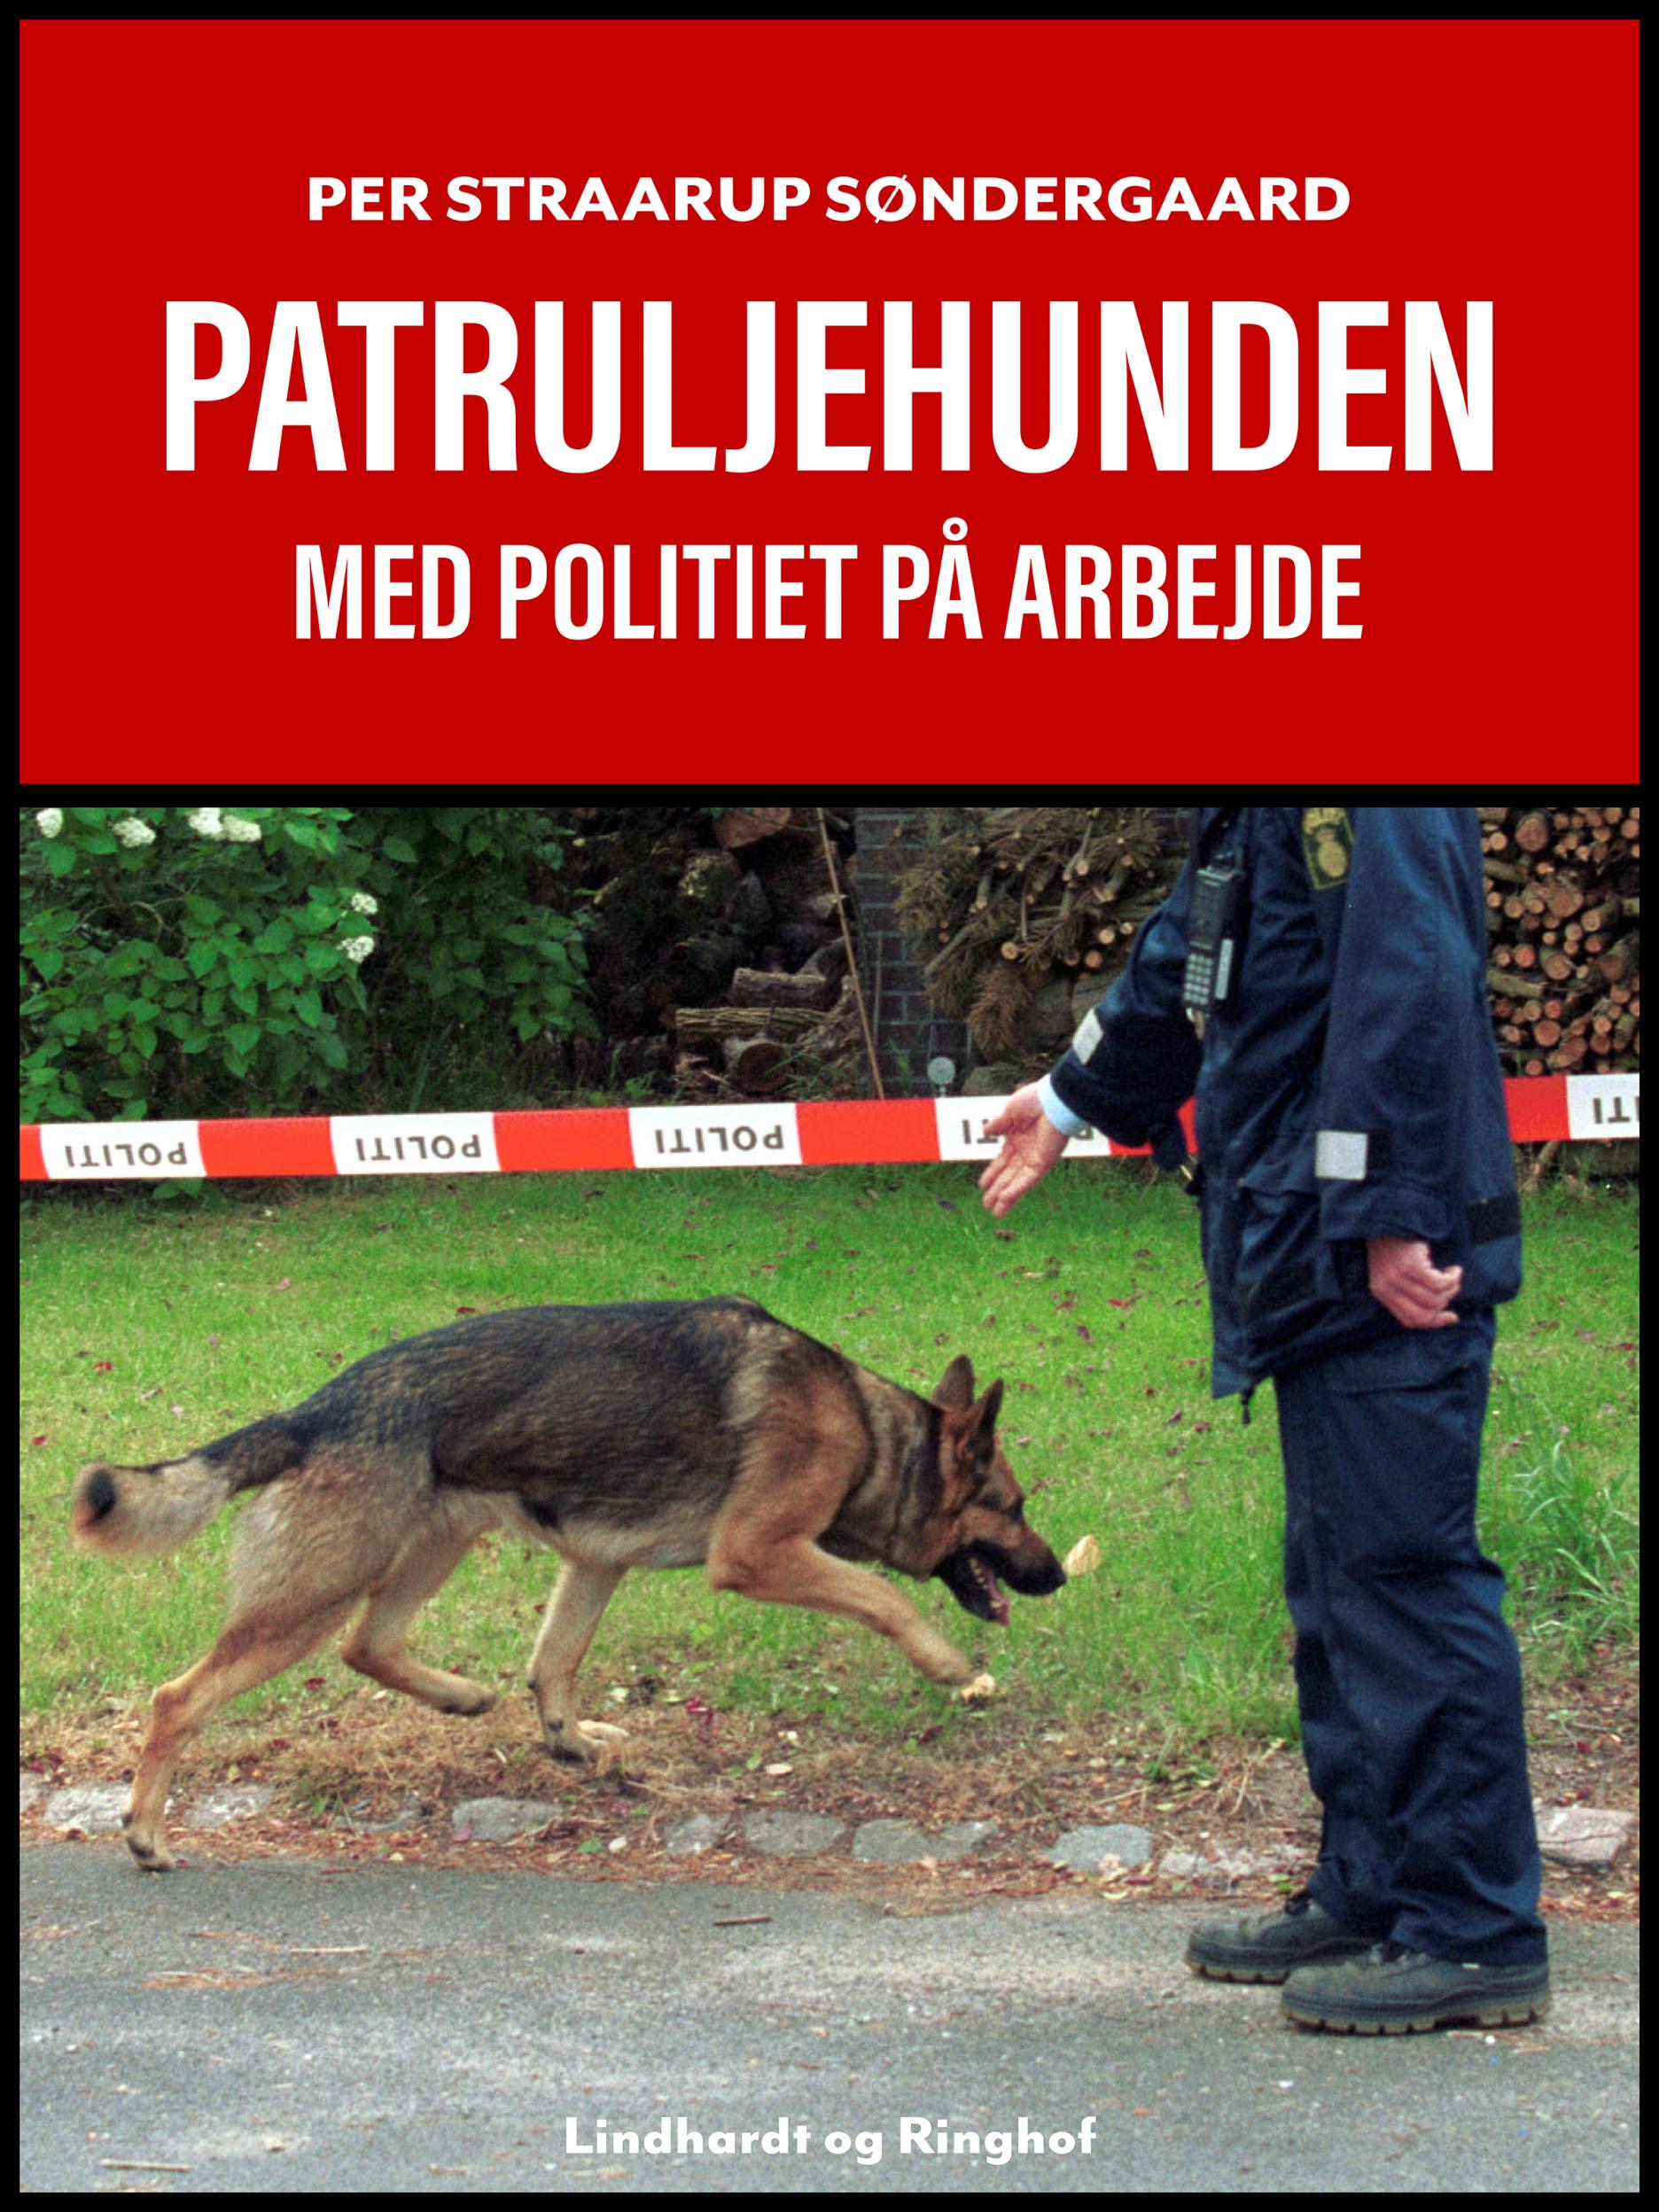 Patruljehunden: med politiet på arbejde - Maneno